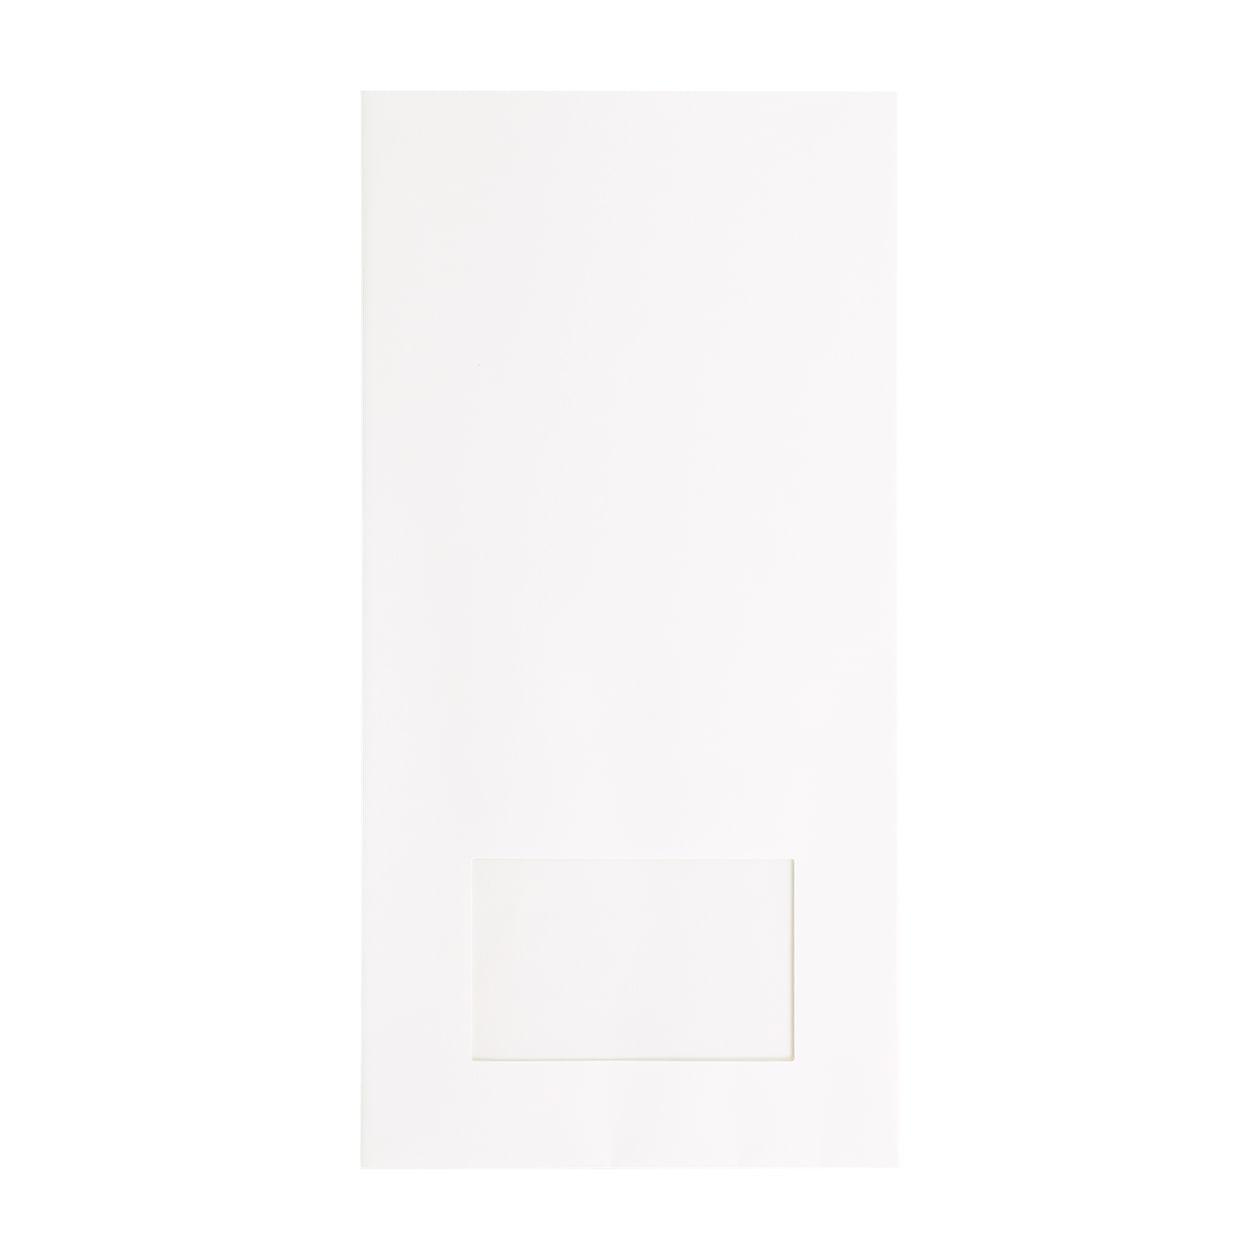 平袋160×320窓付 HAGURUMA Basic プレインホワイト 100g